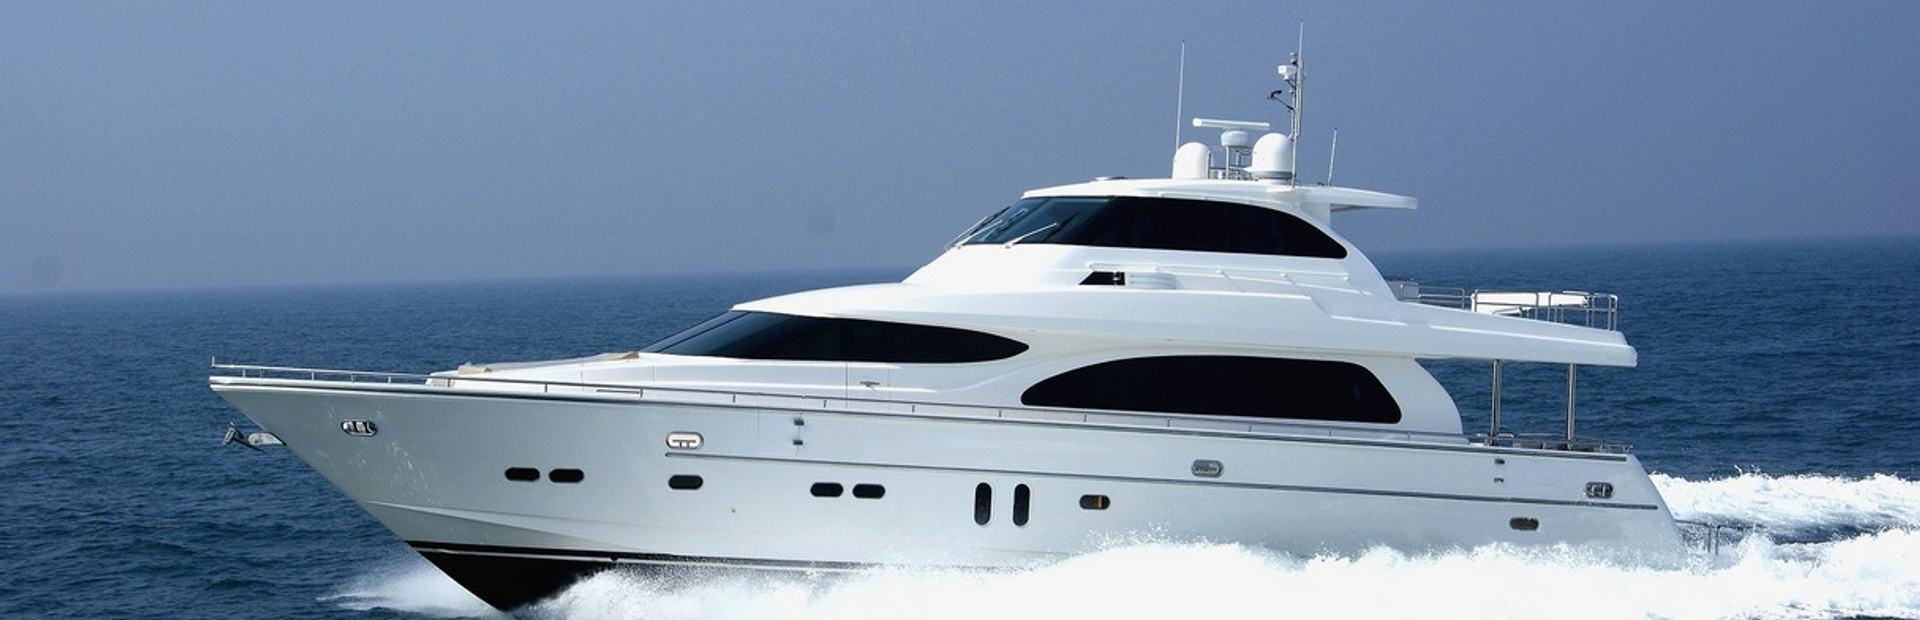 E78 Yacht Charter